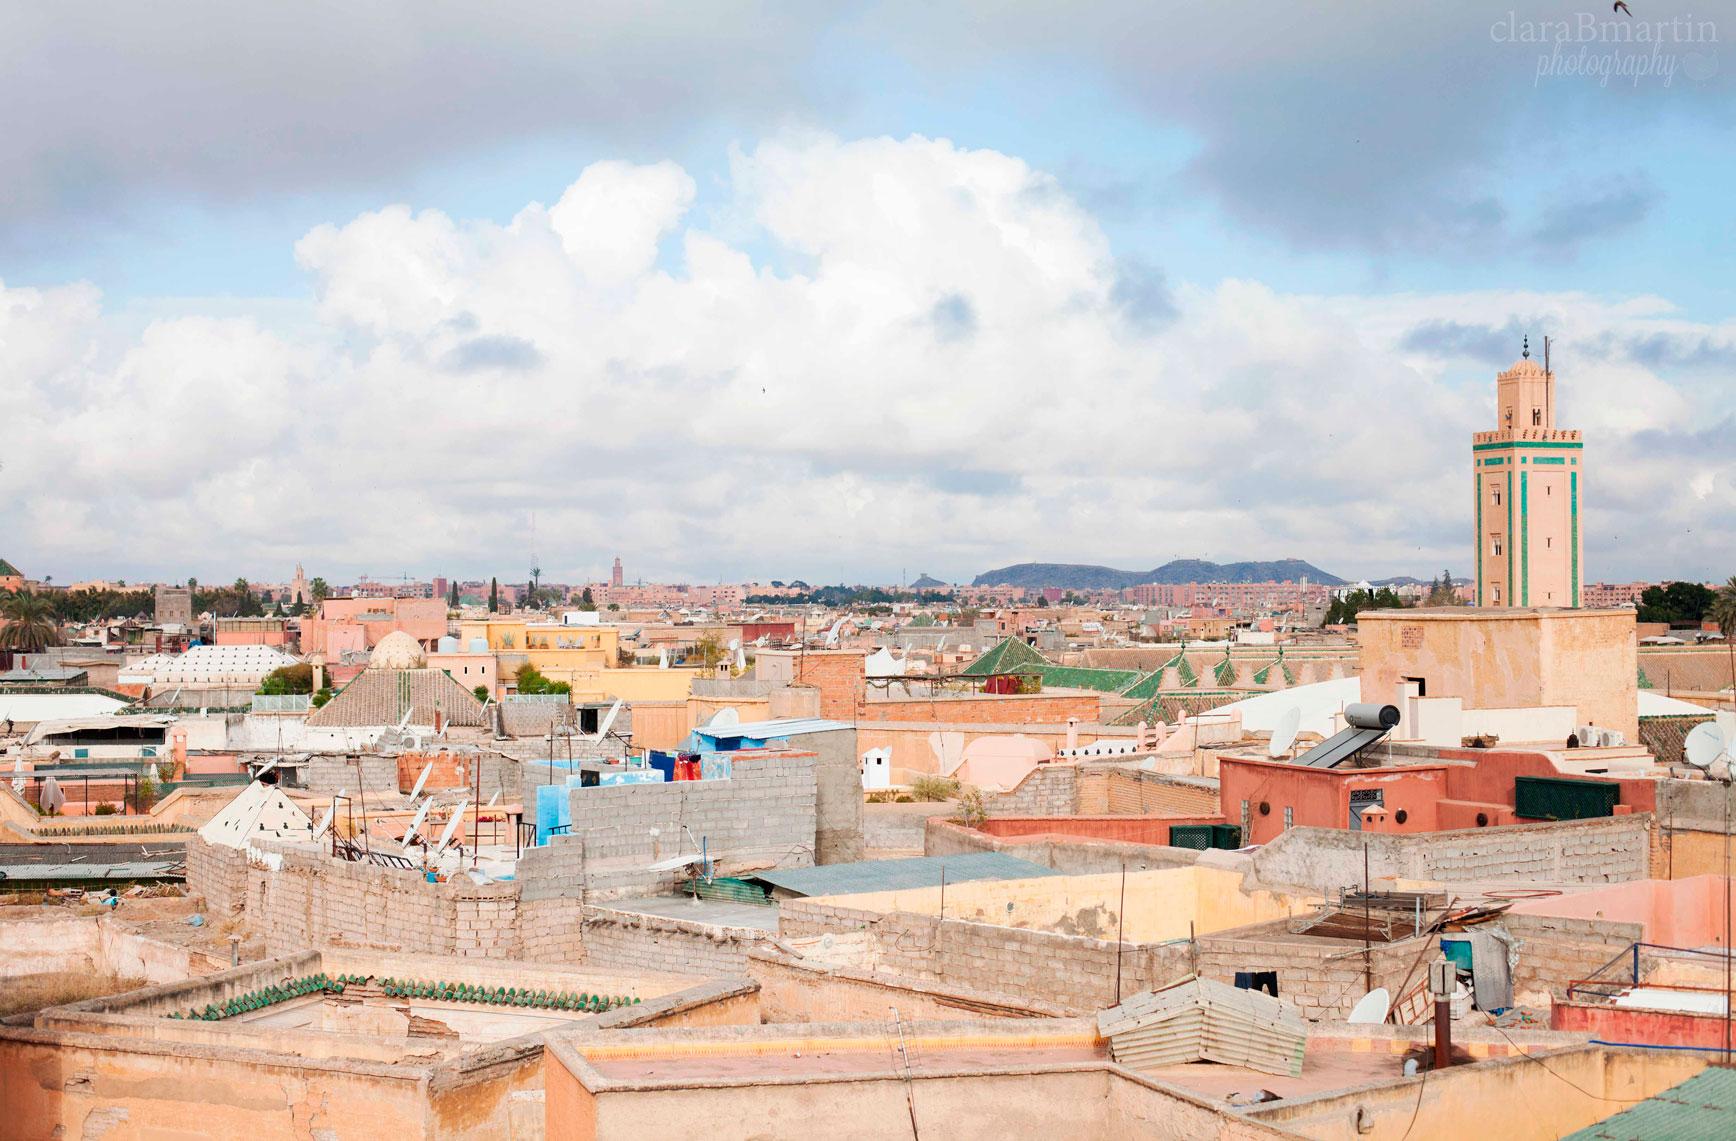 Marrakech_claraBmartin_07